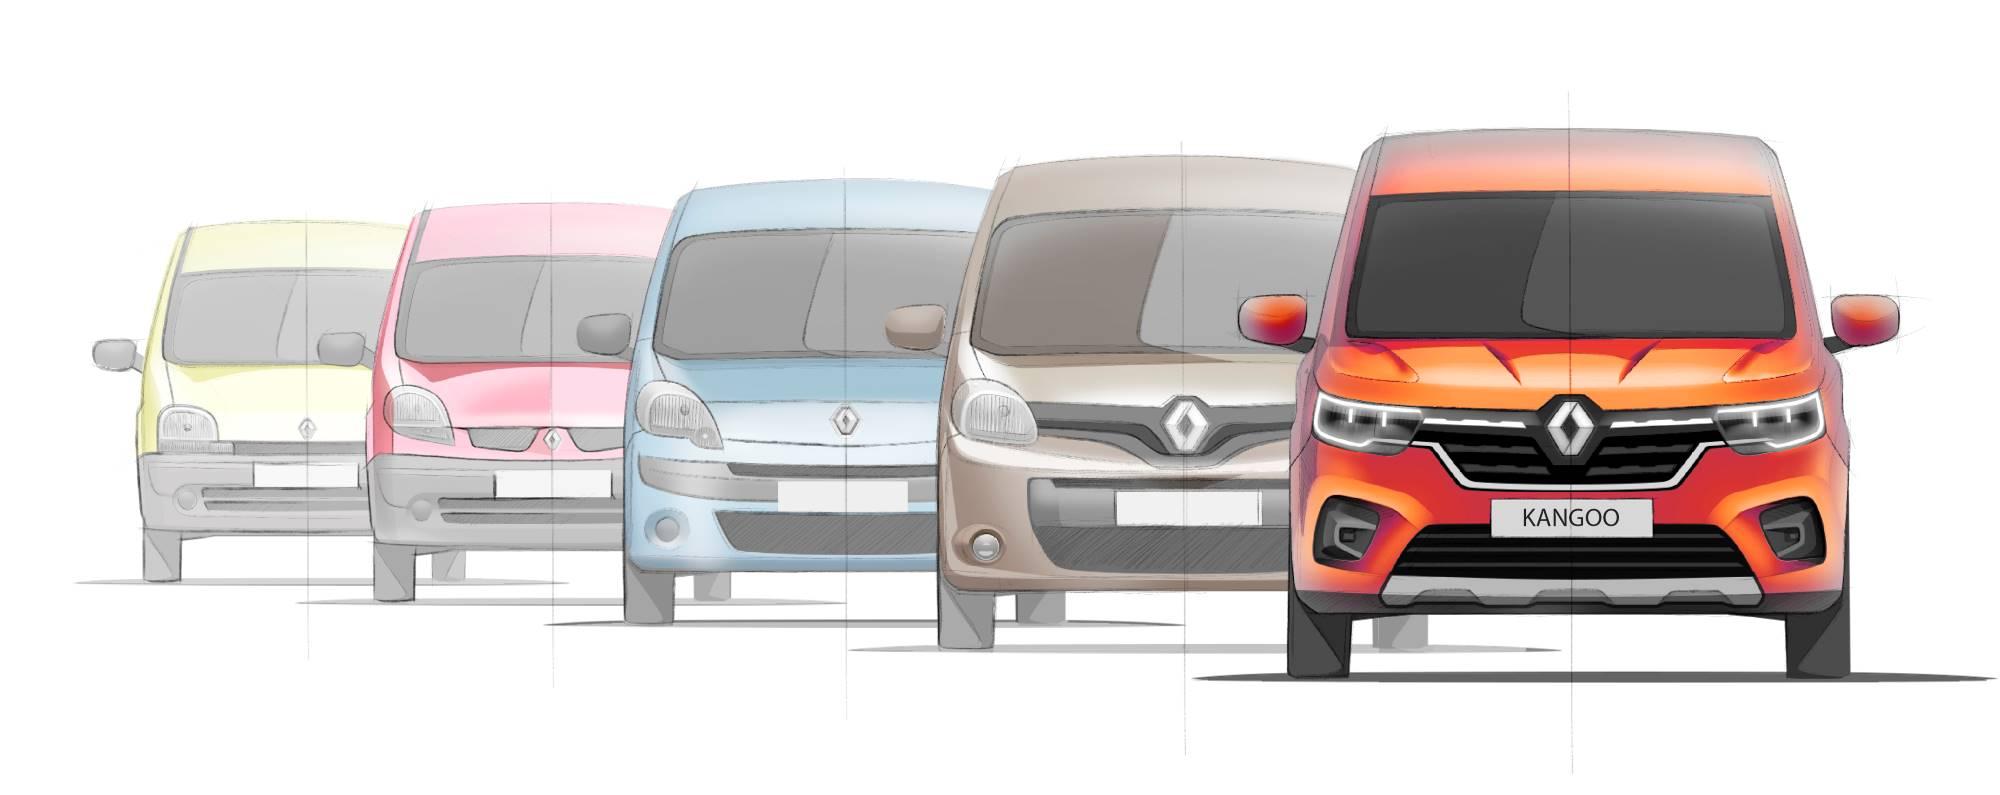 Renault nouveau Kangoo : et la saga continue - Algérie